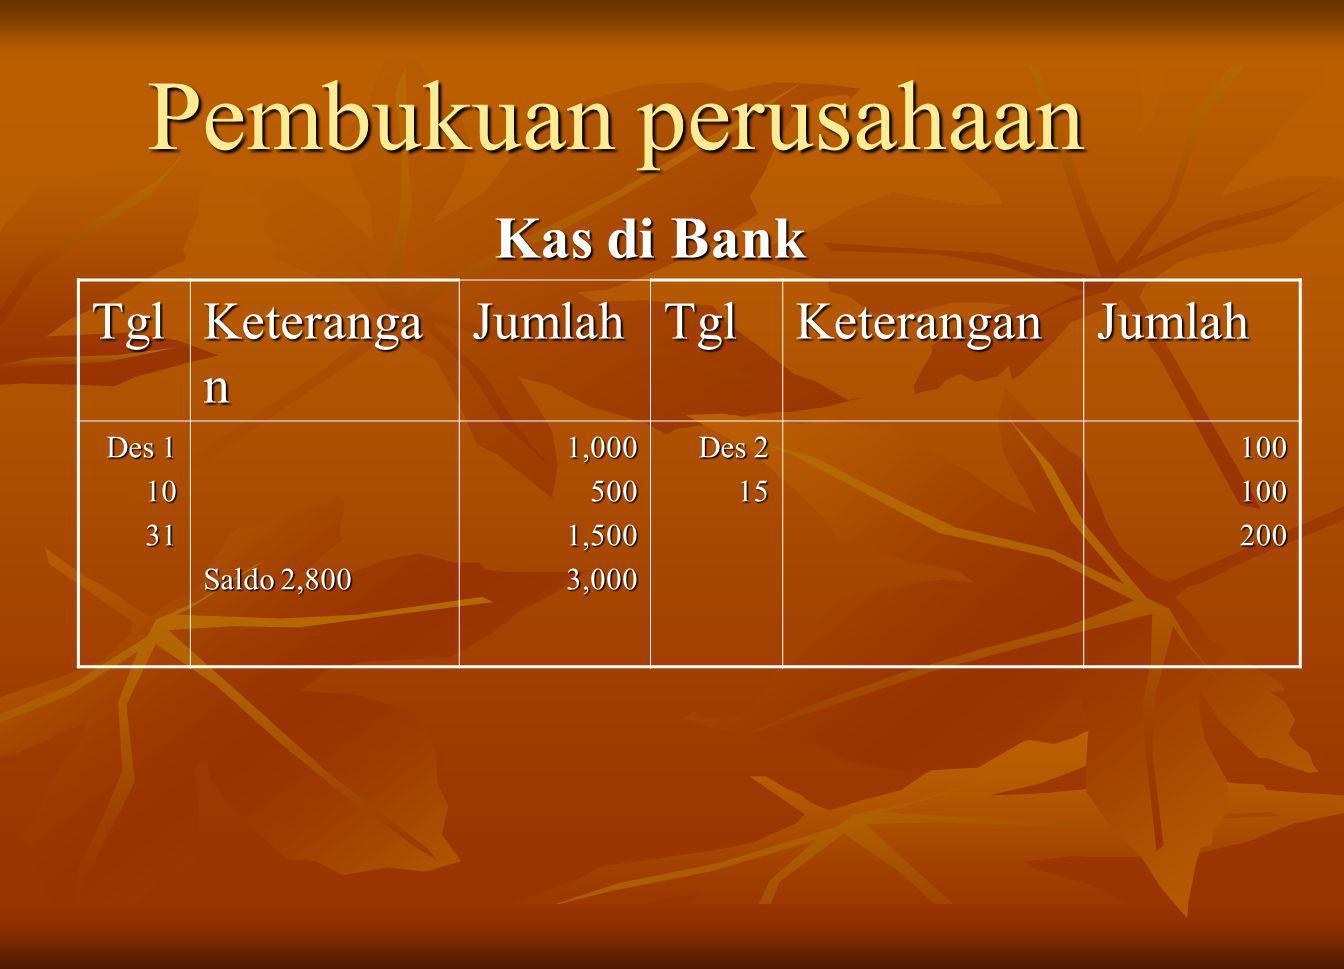 Pembukuan perusahaan Kas di Bank Tgl Keteranga n JumlahTglKeteranganJumlah Des 1 1031 Saldo 2,800 1,0005001,5003,000 Des 2 15100100200